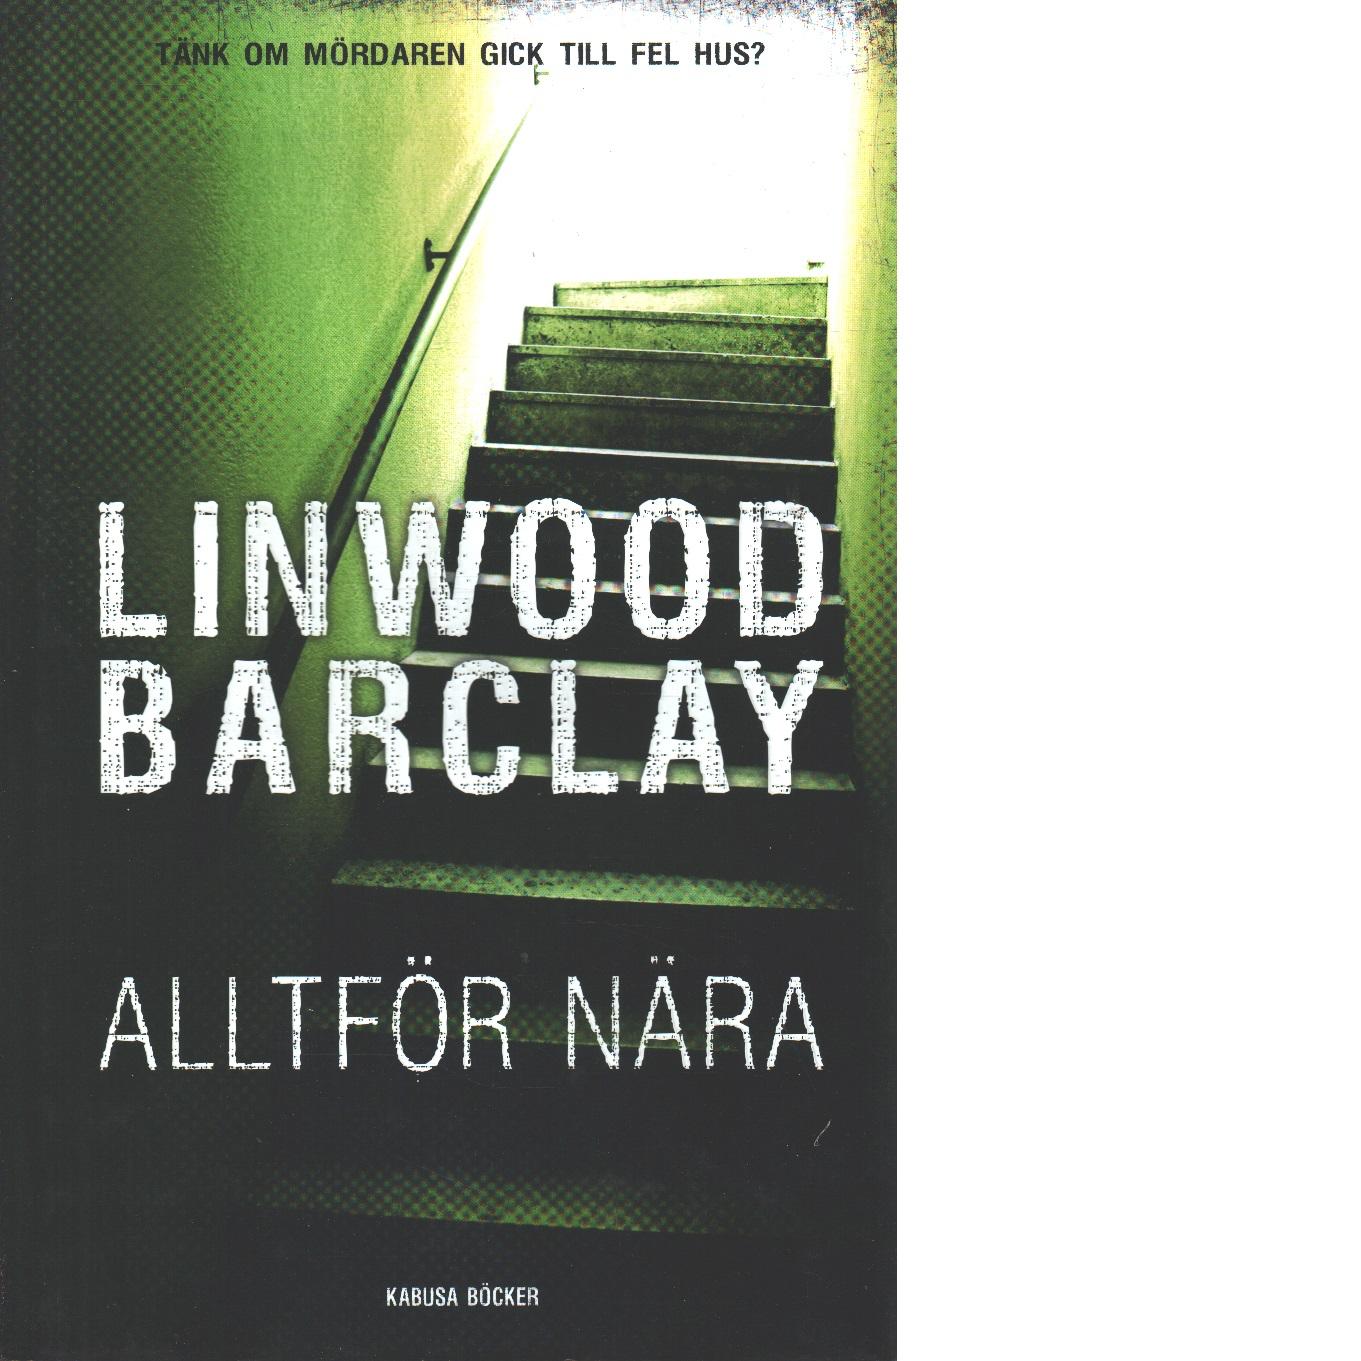 Alltför nära - Barclay, Linwood